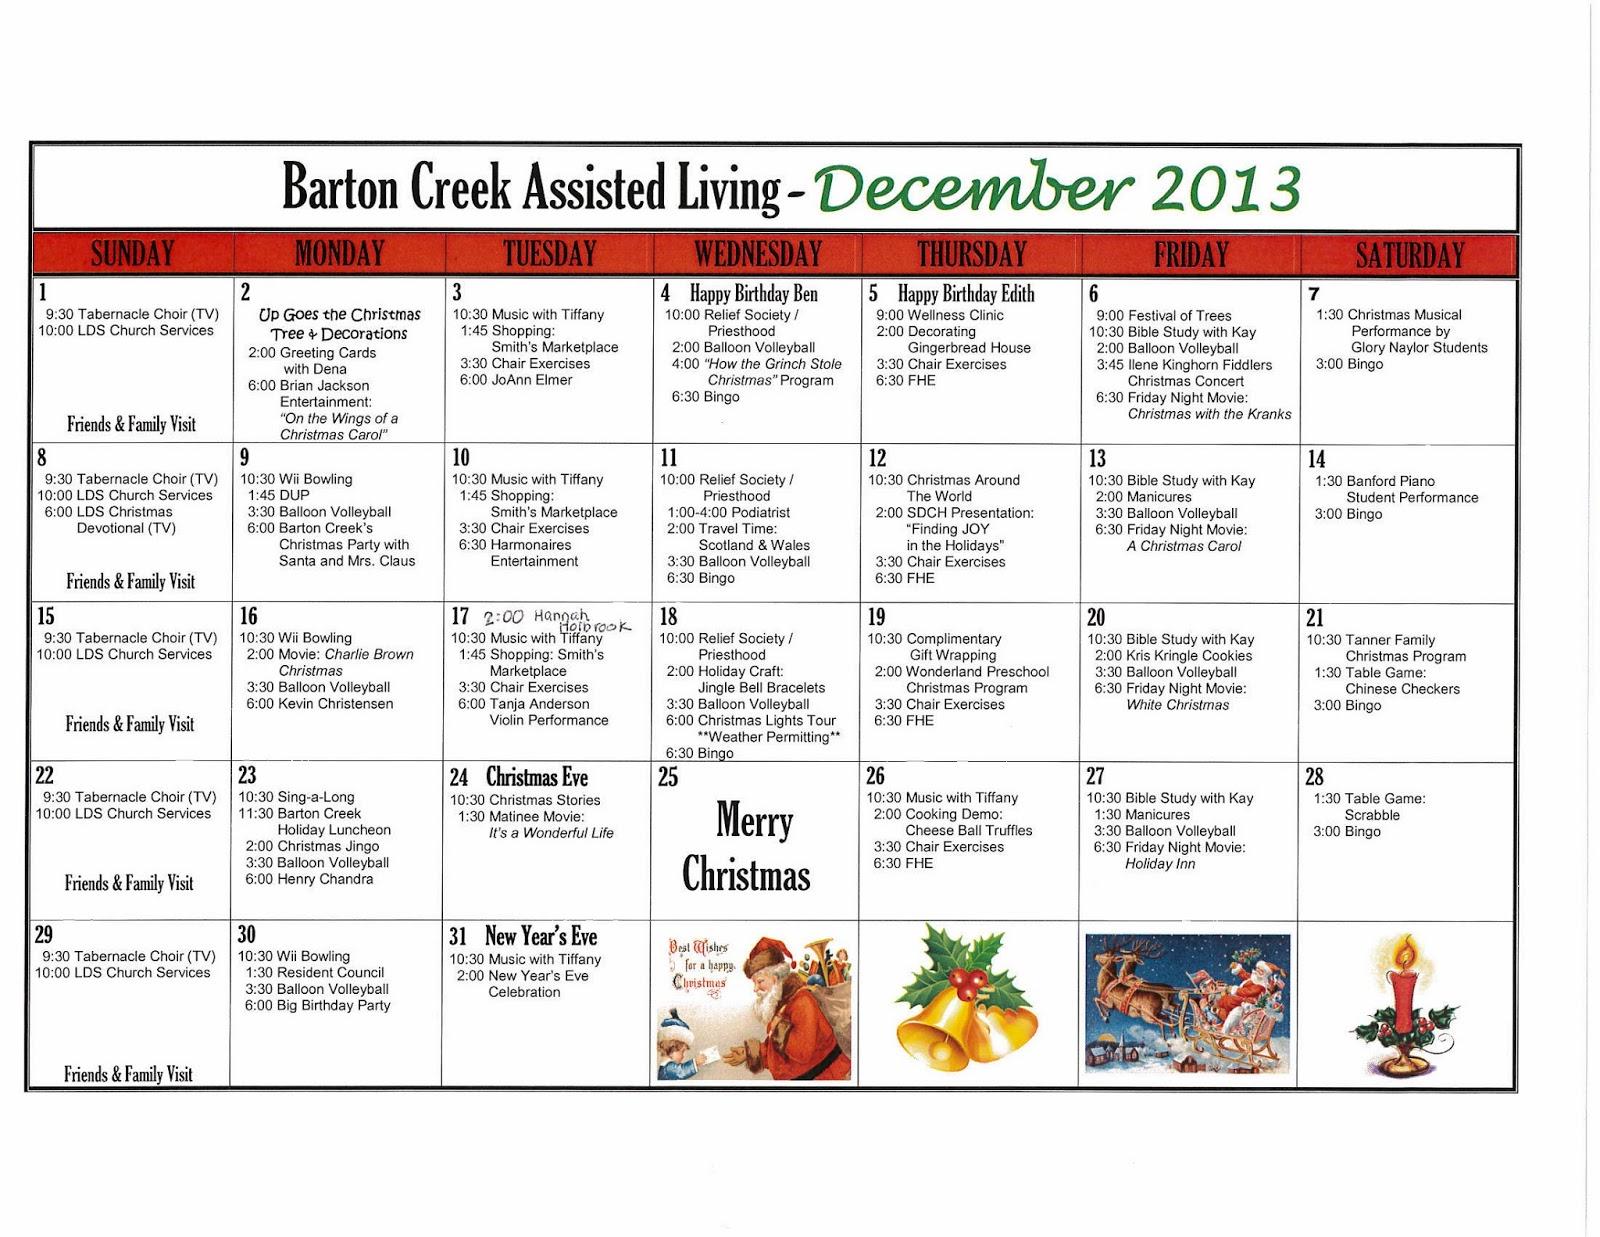 Barton Creek Assisted Living December Activities Calendar